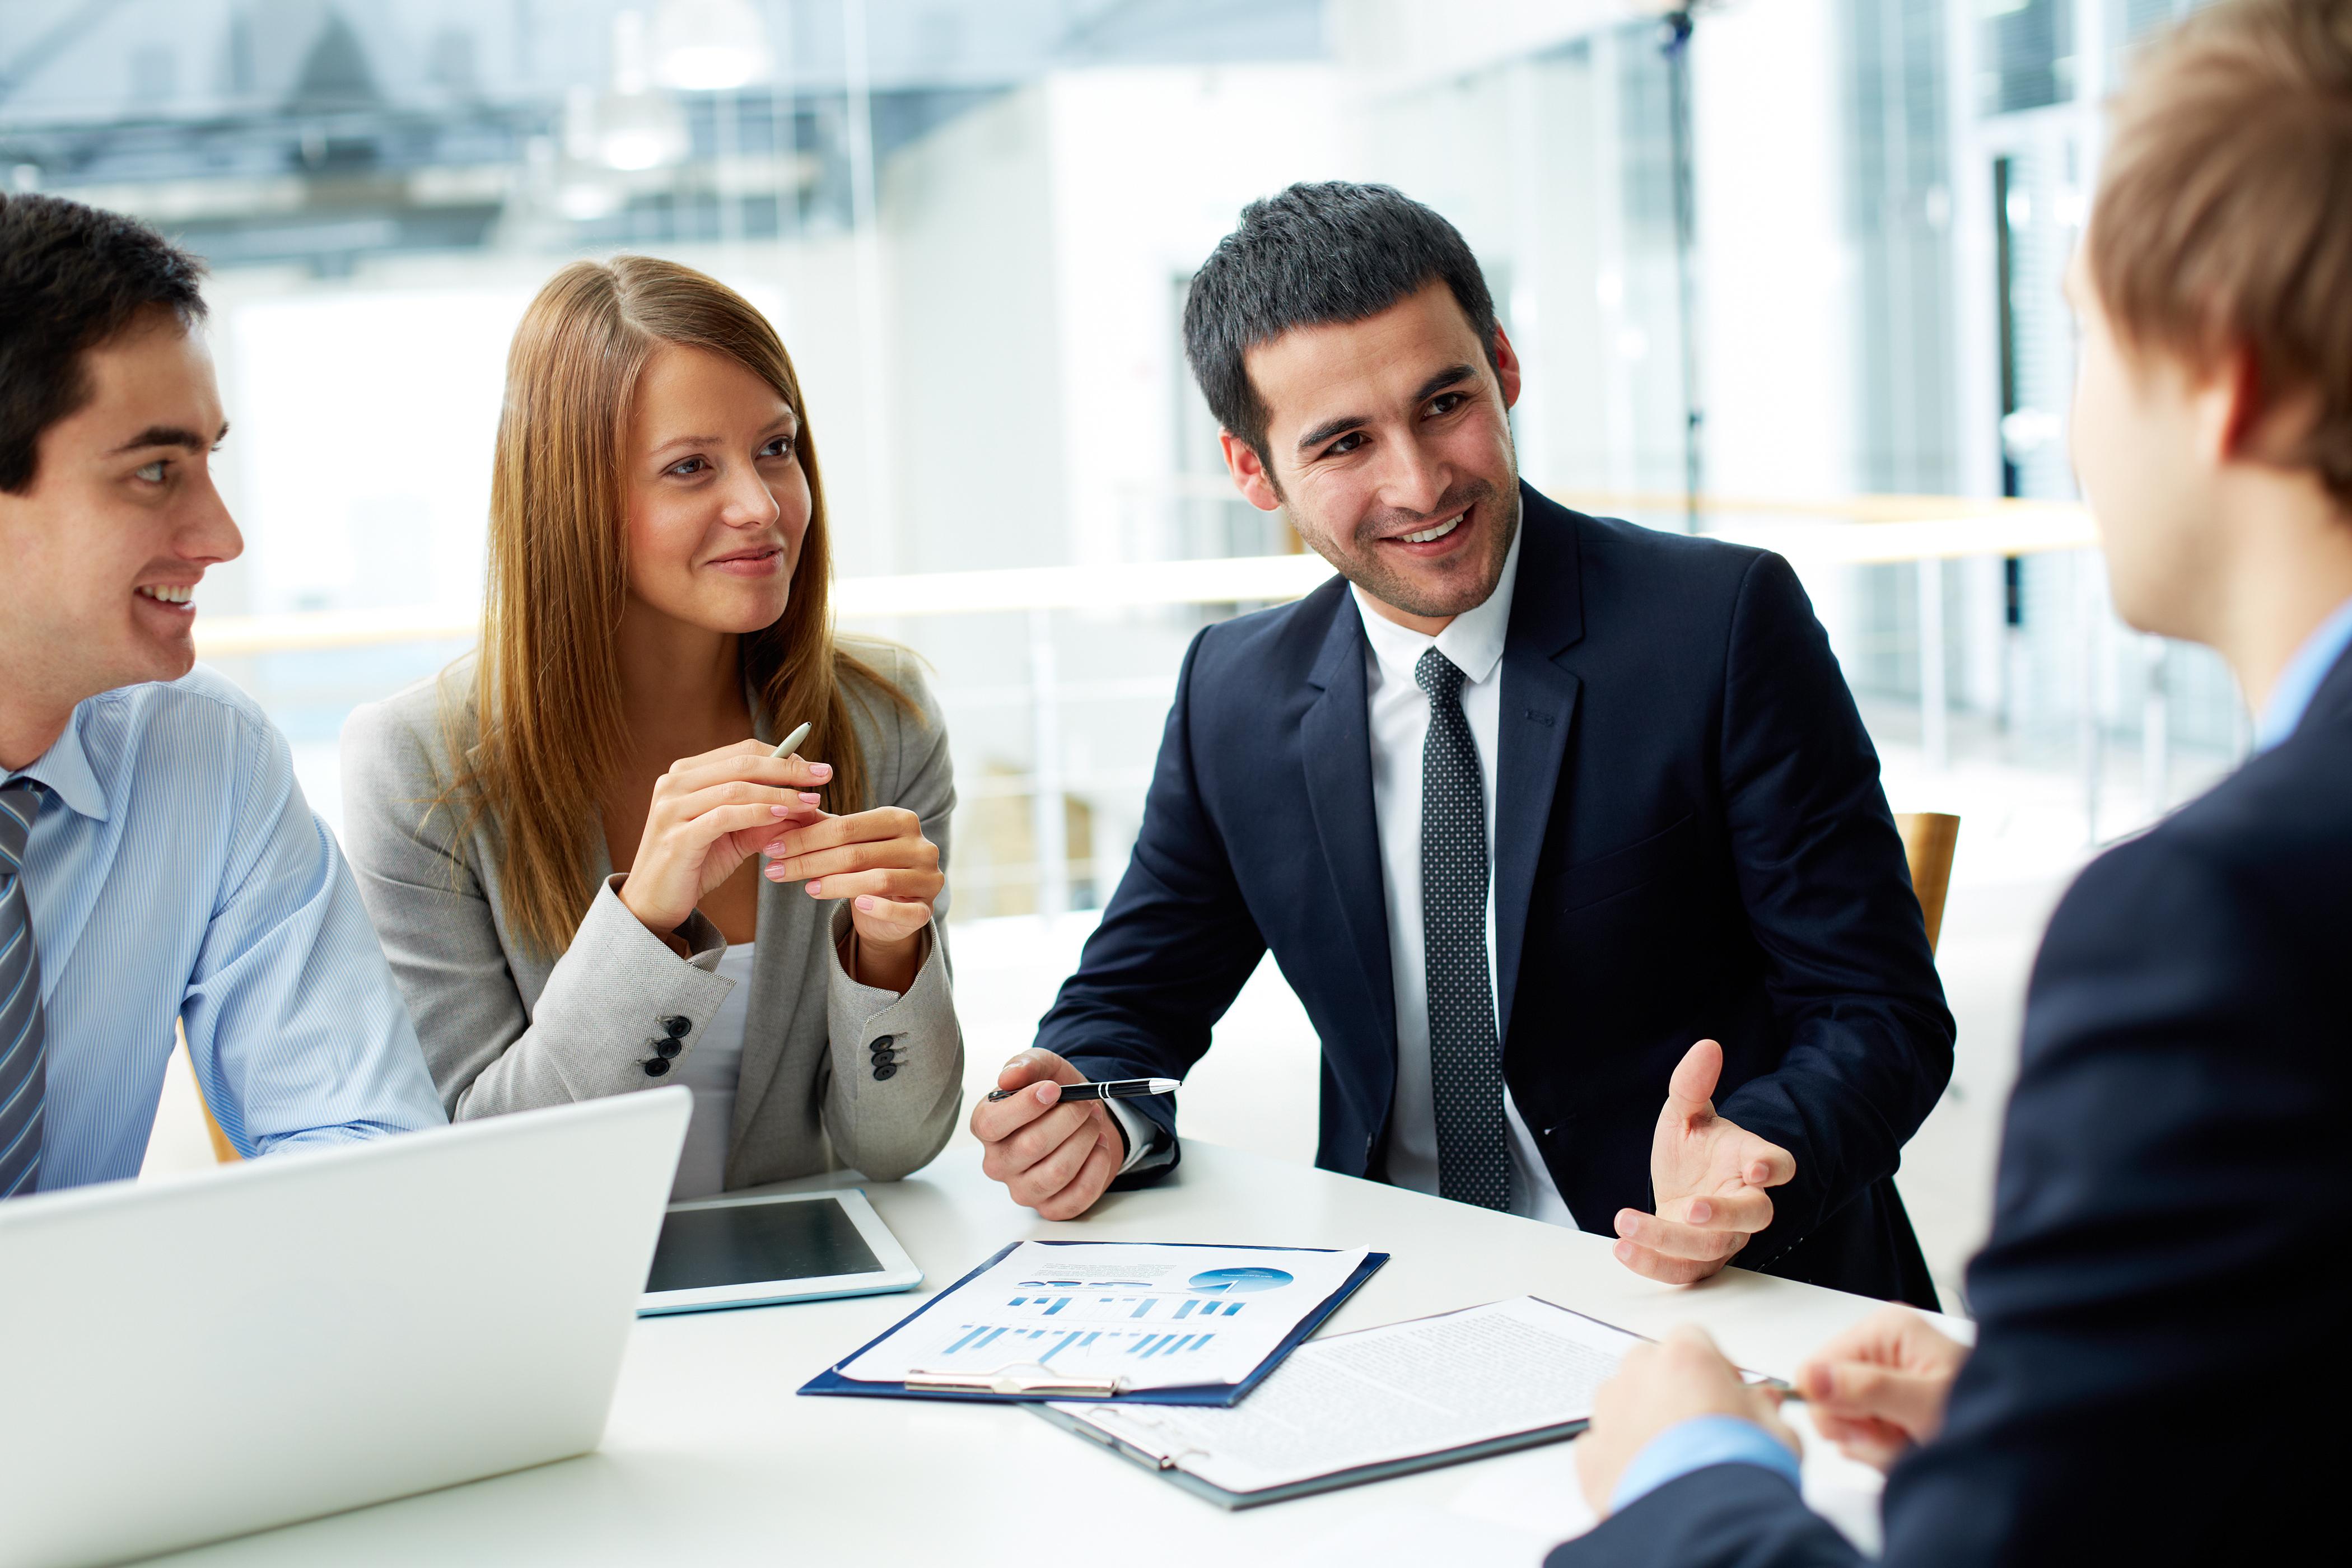 Cpa-сети: что это, принцип работы, сложности, эффективность использования, как выбирать cpa-партнерки | calltouch.блог